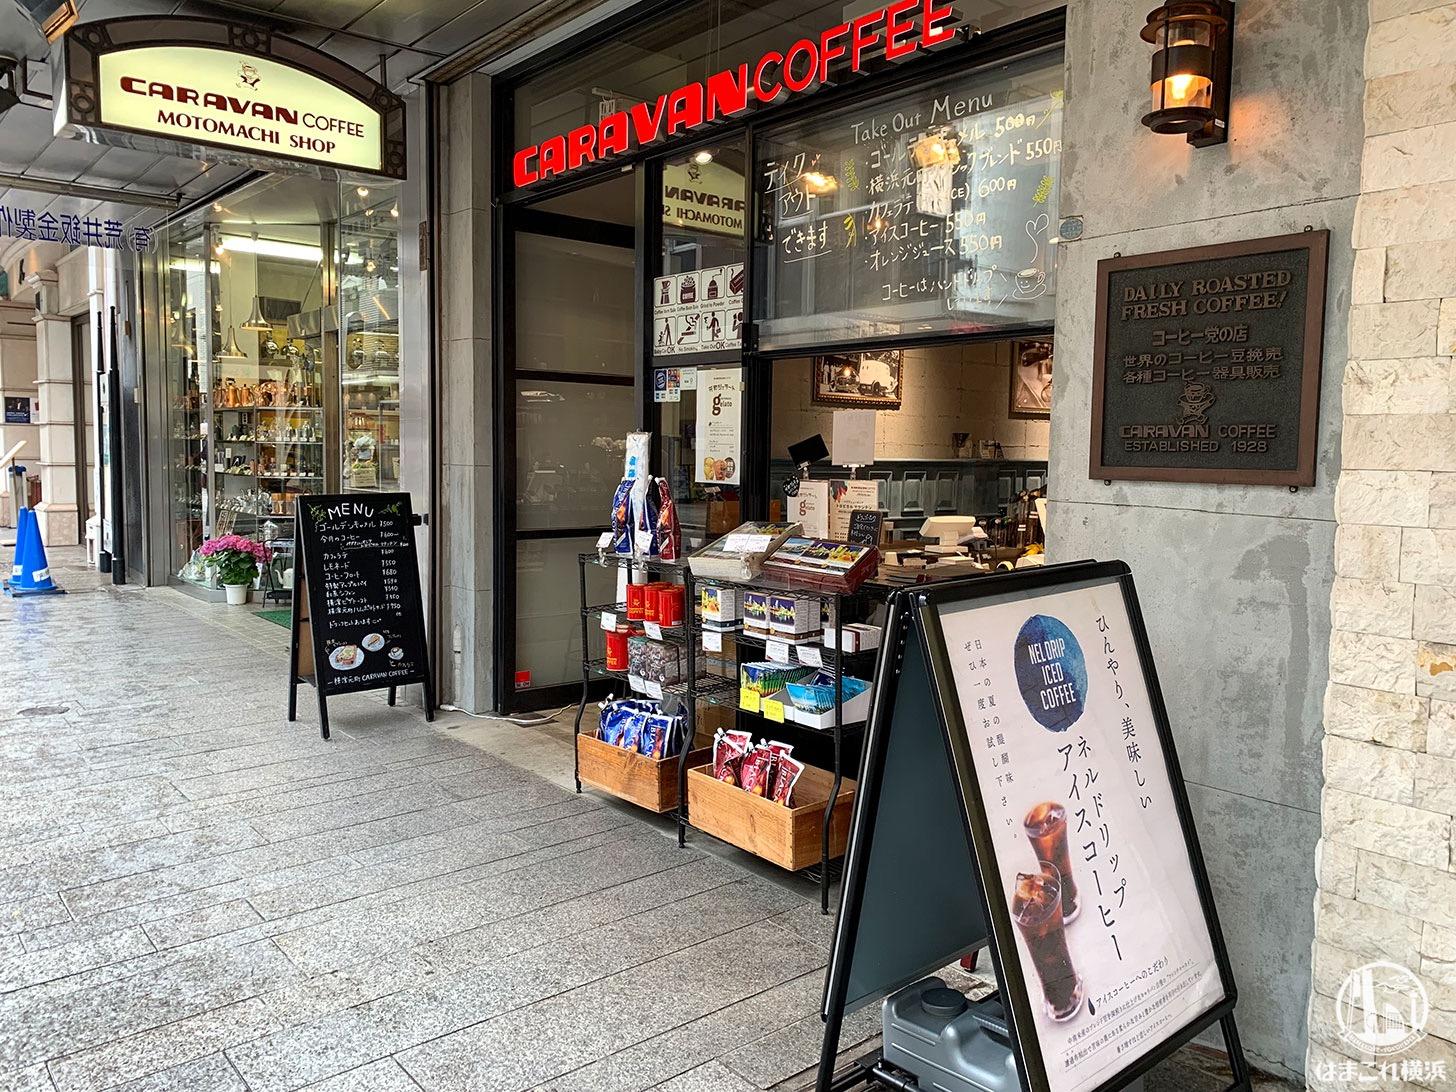 キャラバンコーヒー 元町店 外観・入り口